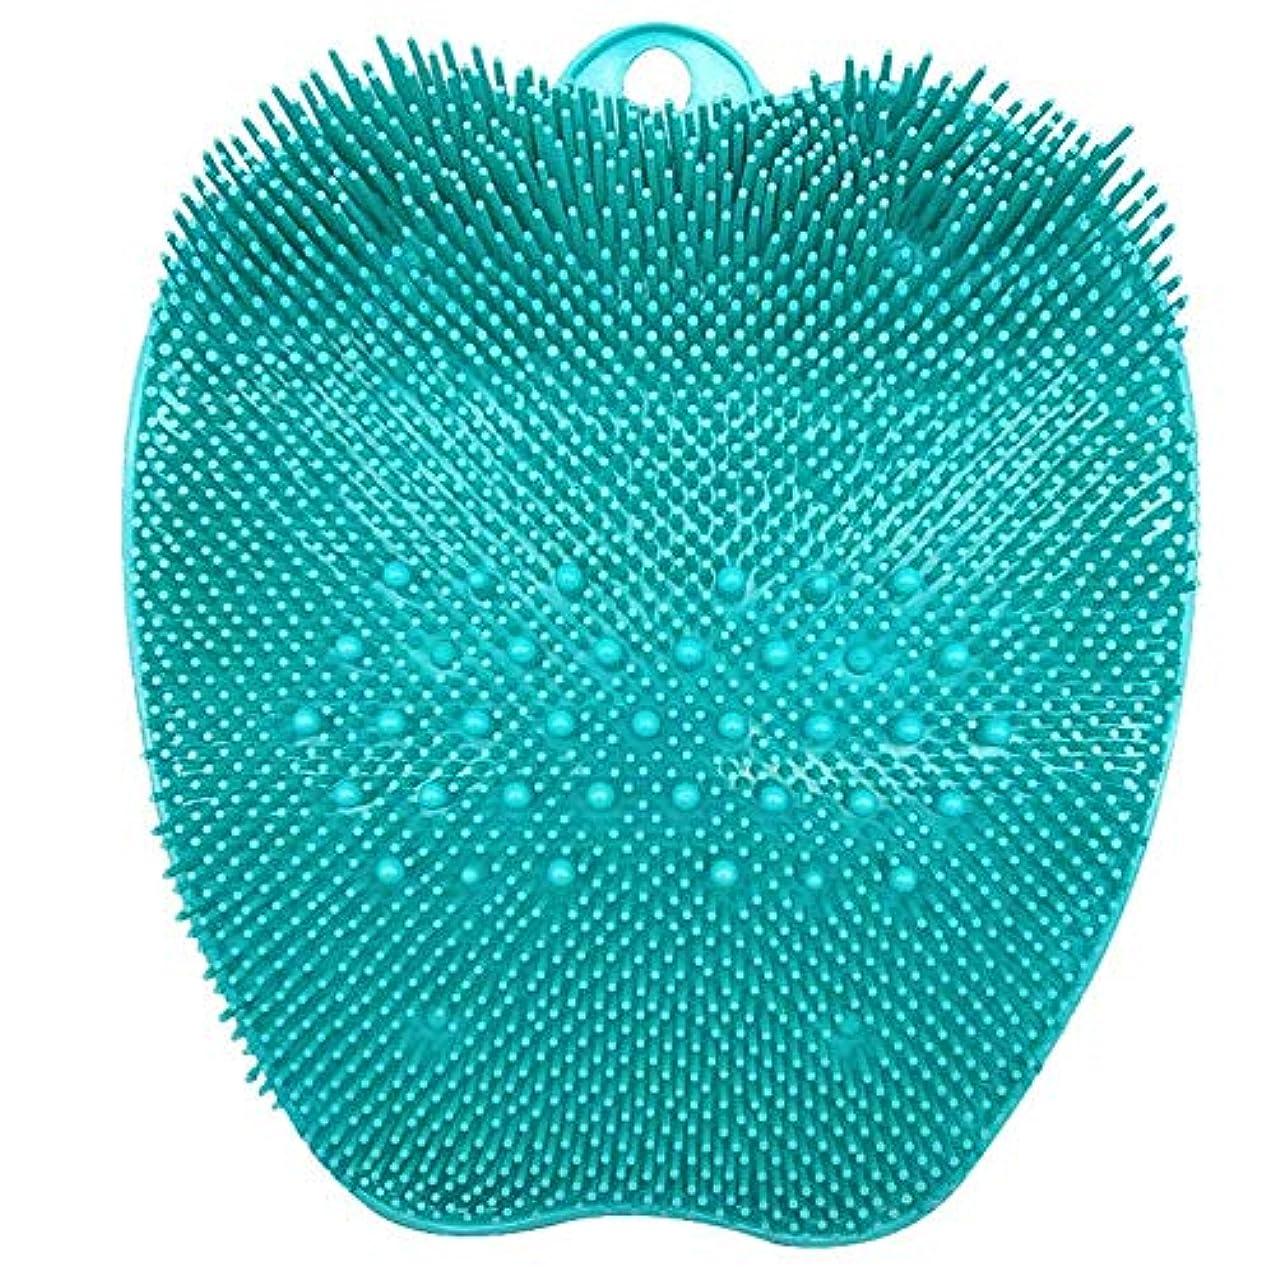 あいまいさシンプルさトークCatChi フットブラシ 足洗いマット 汚れ除去 足裏マッサージ 角質ケアブラシ ストレス解消 お風呂用